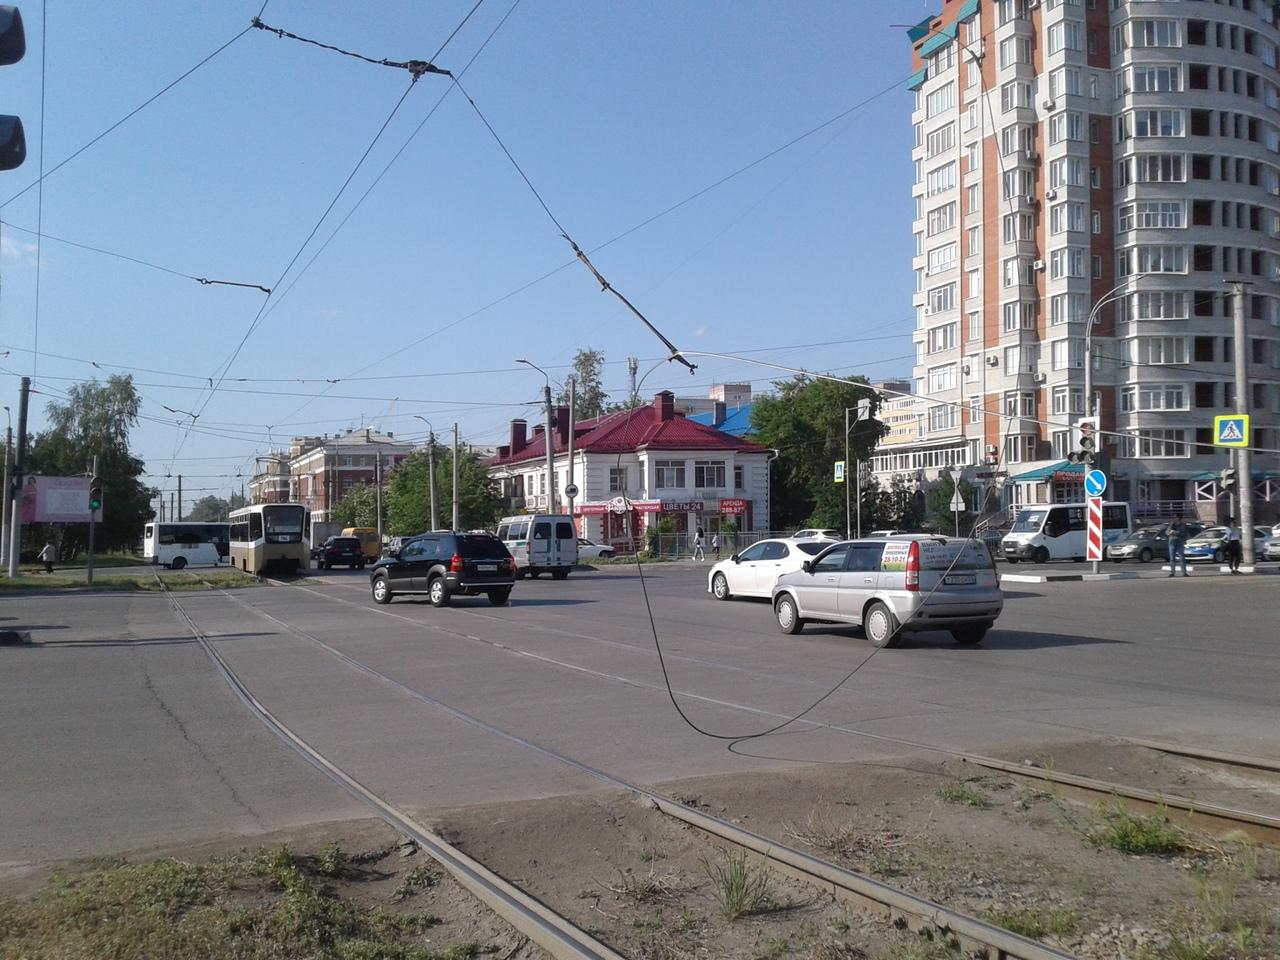 В Омске из-за обрыва проводов встали трамваи #Новости #Общество #Омск